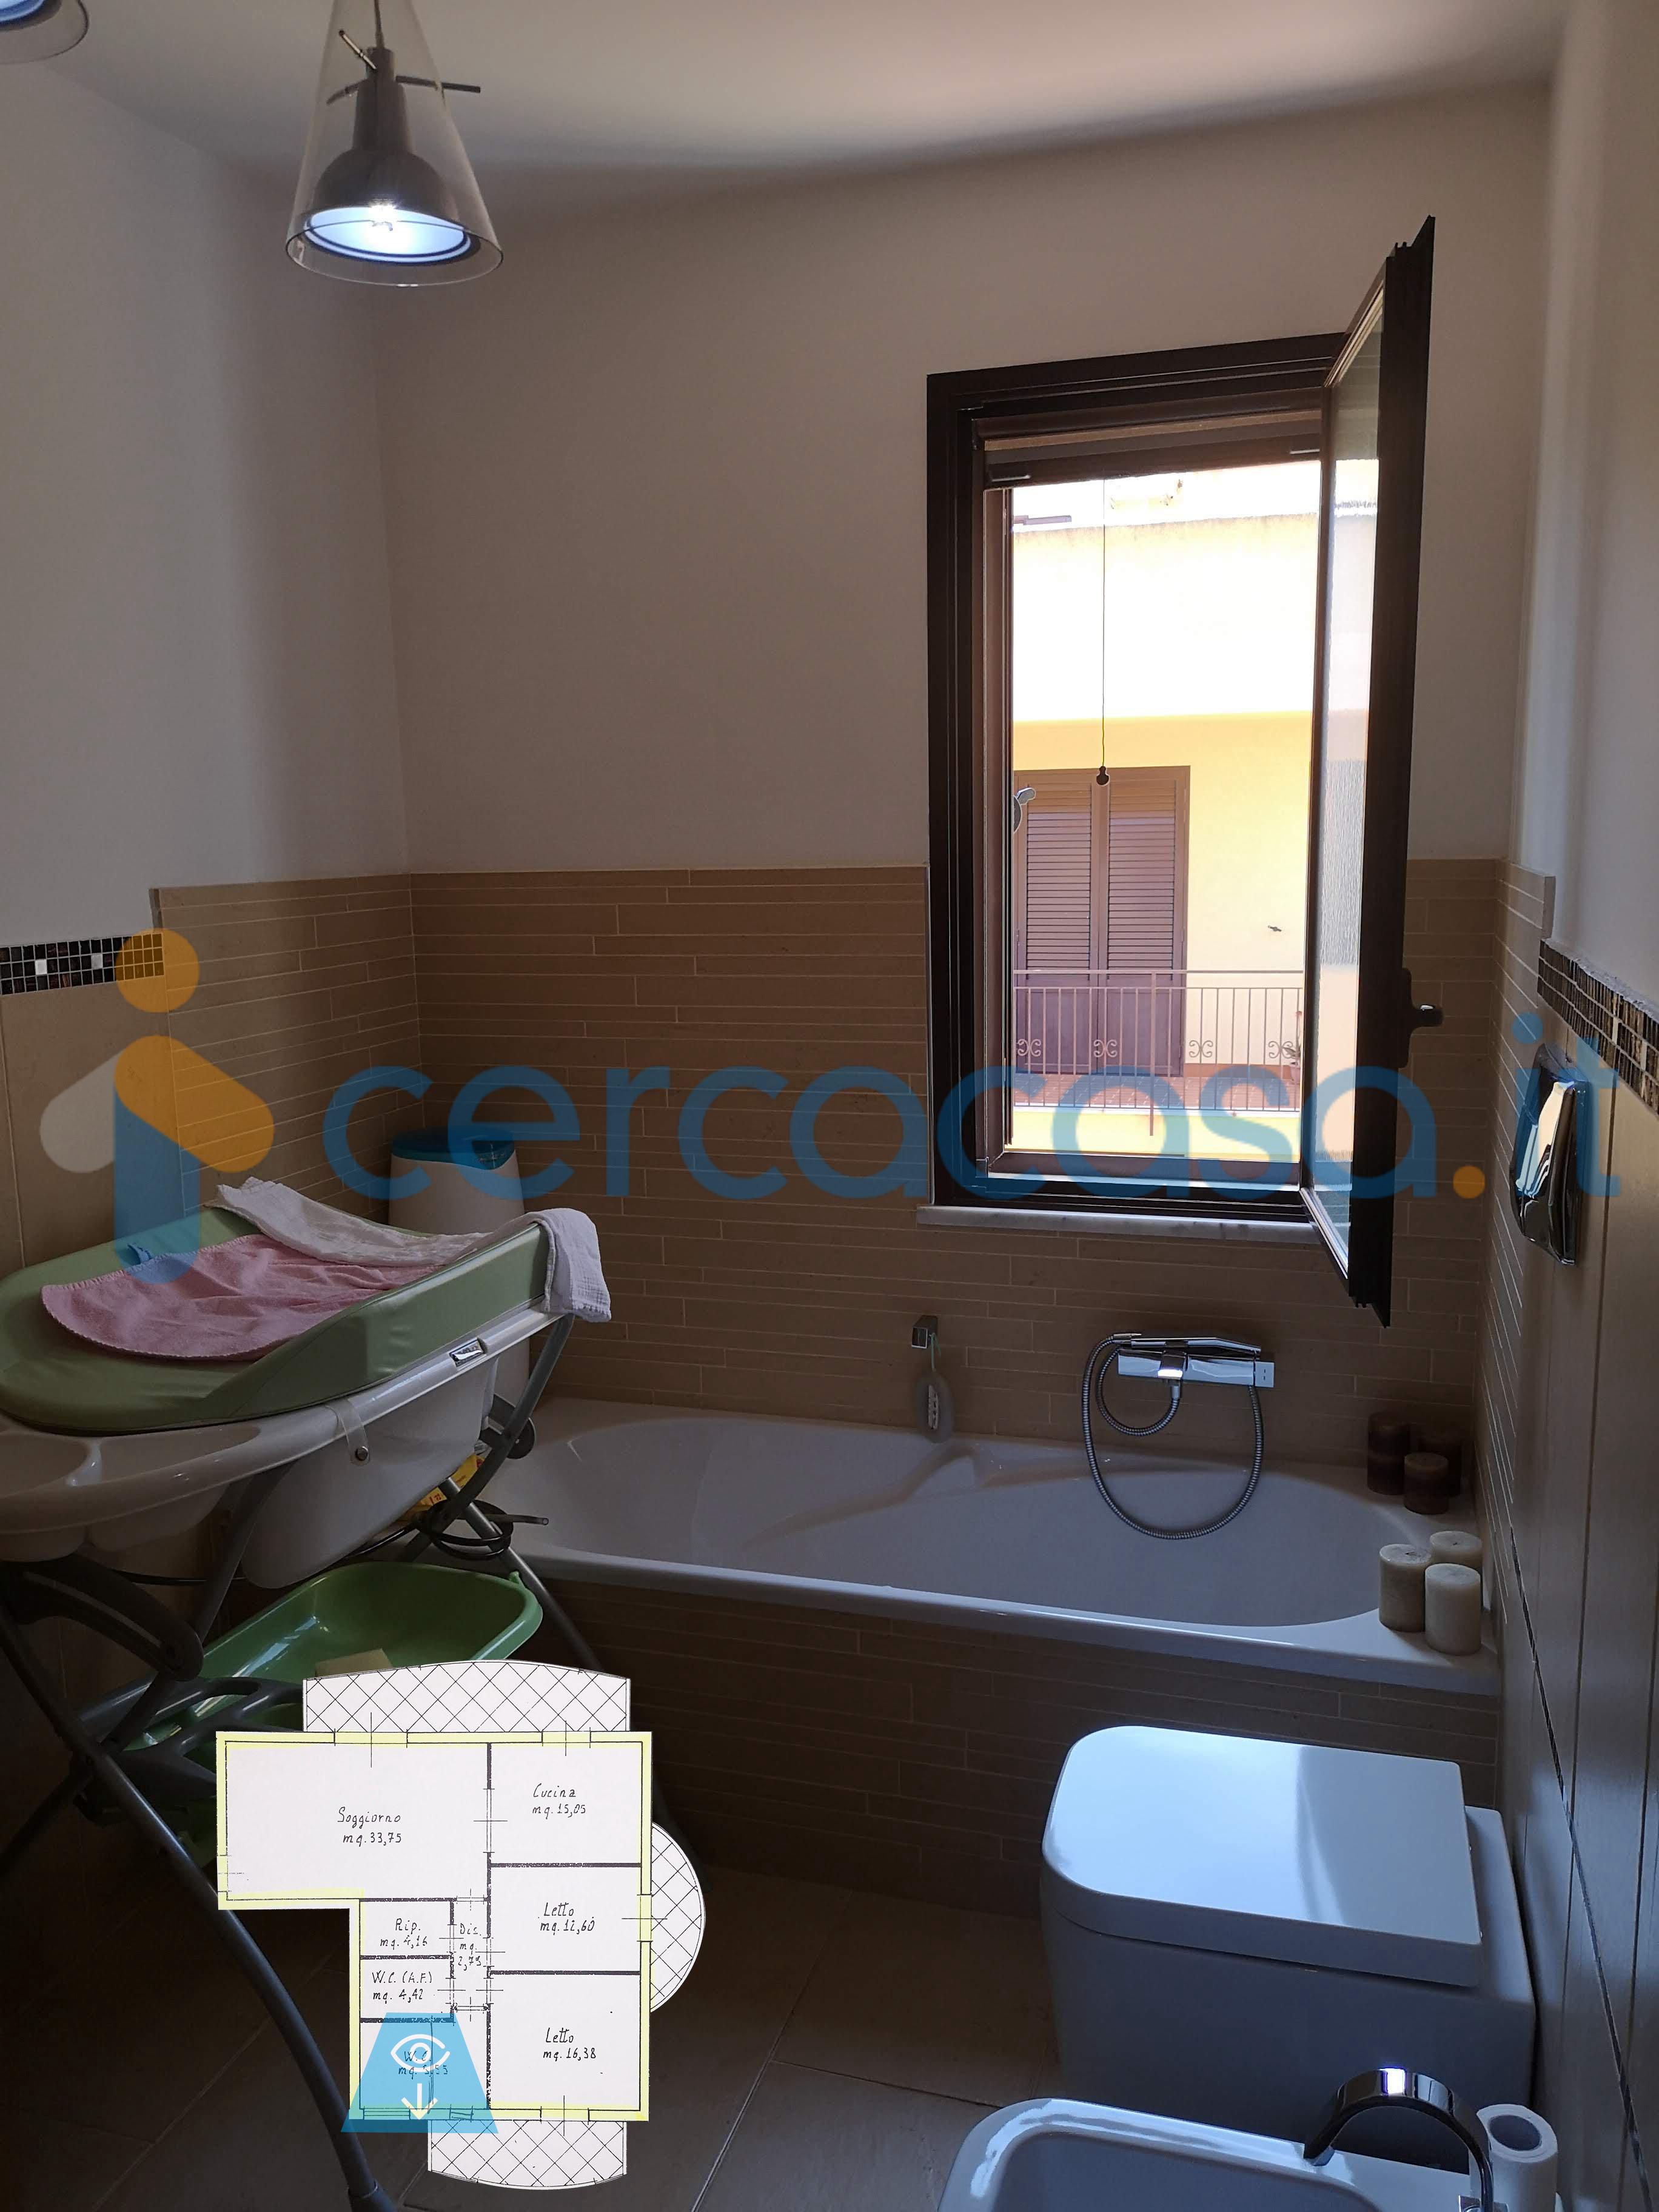 _altavilla-_milicia-__002d-_v_a036_r-__002d-_rifinito-_appartamento